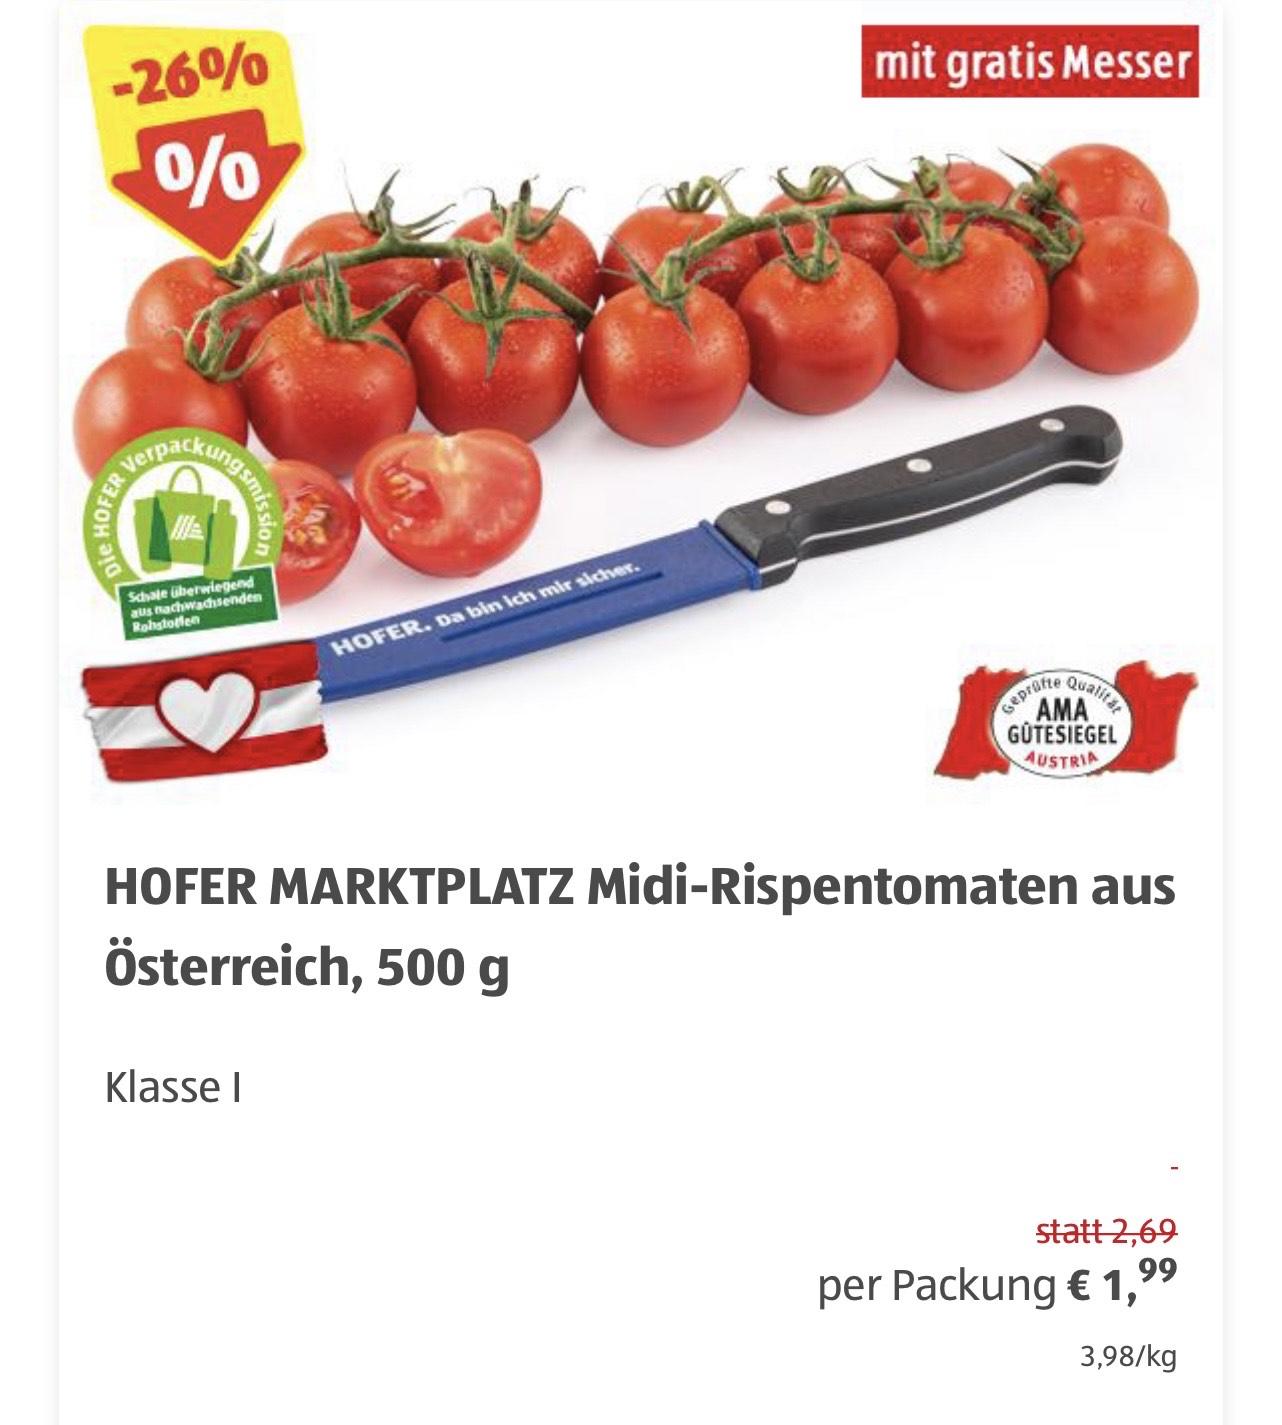 Hofer: Gratis Messer beim Kauf von Tomaten